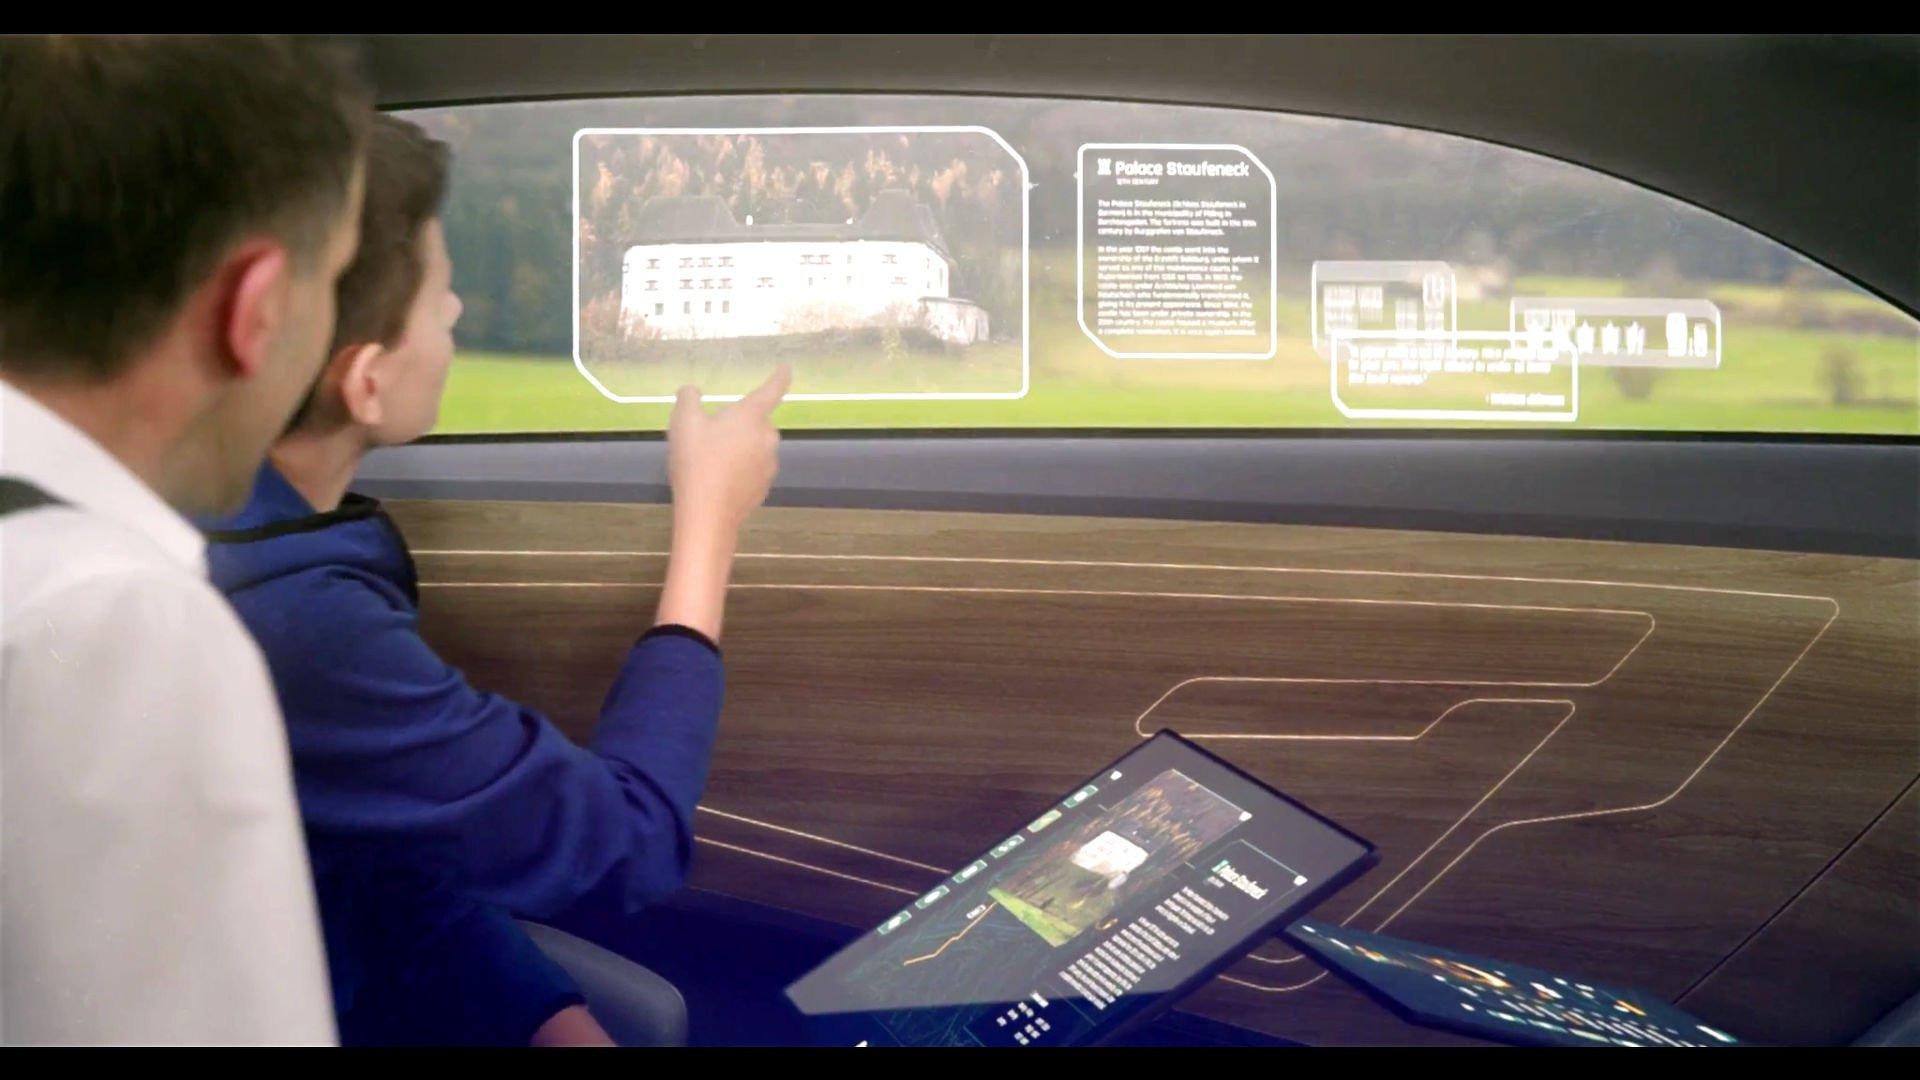 panasonic-autonomous-cabin-concept (11)